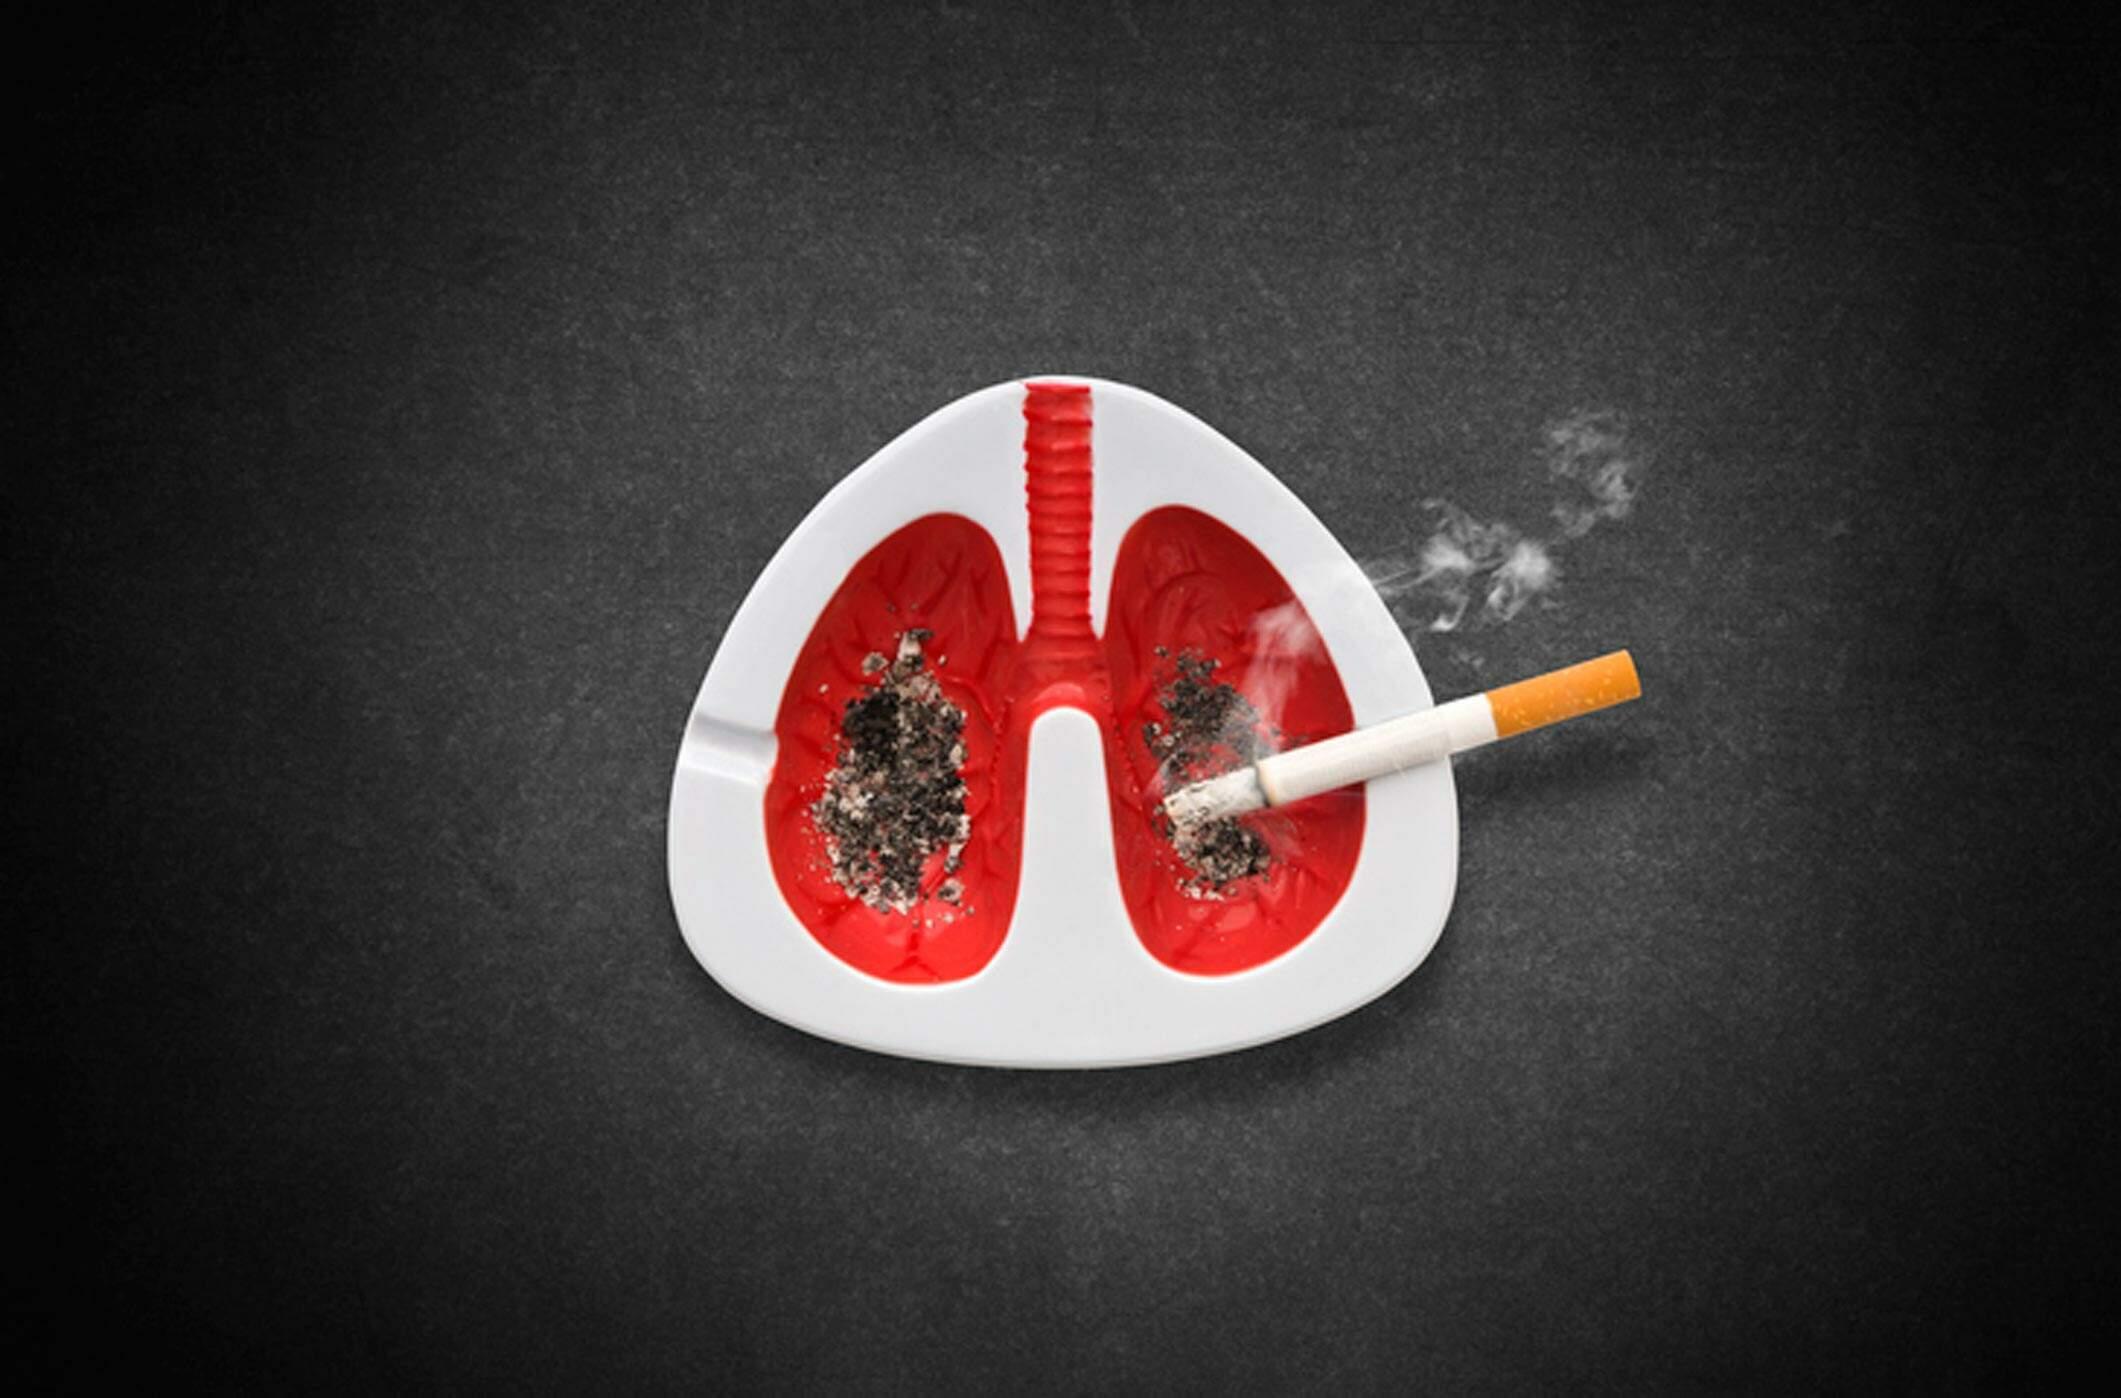 Tudo o que você precisa saber sobre tabagismo passivo